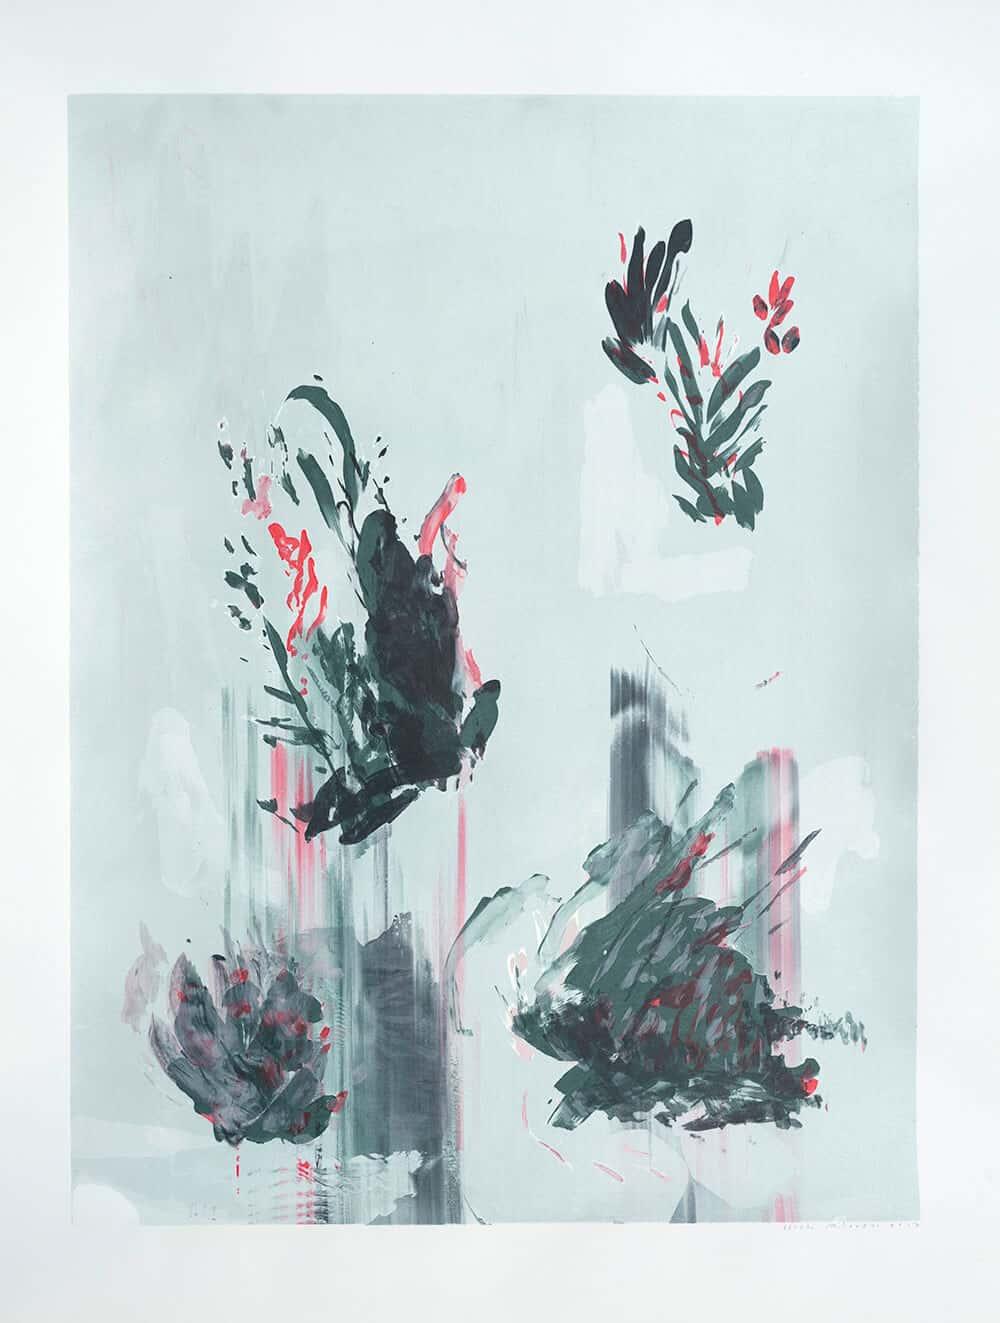 Elsabé Milandri, Schichten, 2017. Siebdruck Monotype 66 x 51cm. Mit freundlicher Genehmigung von SMITH.